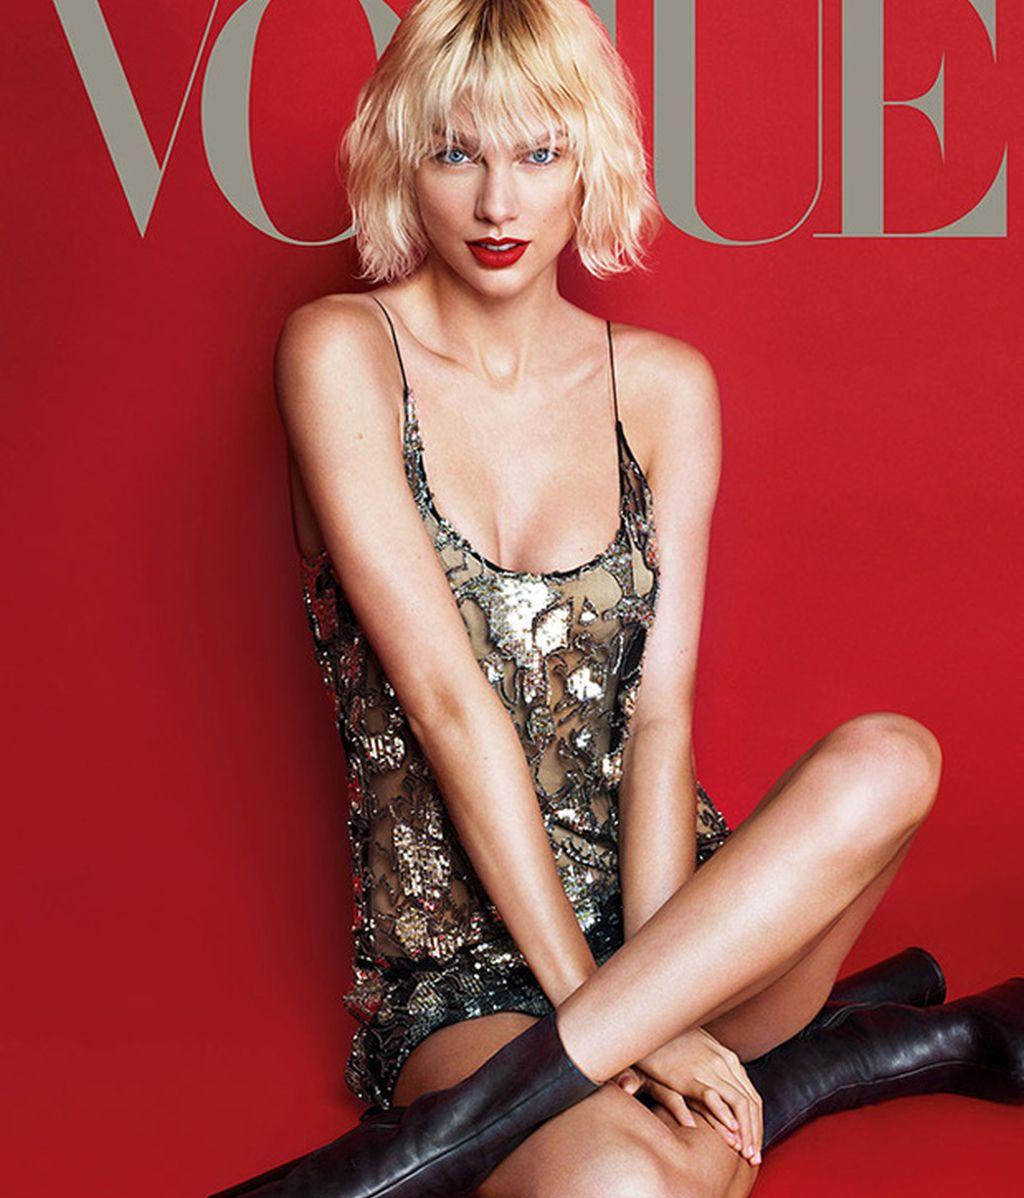 Taylor Swift consigue su primera portada de Vogue